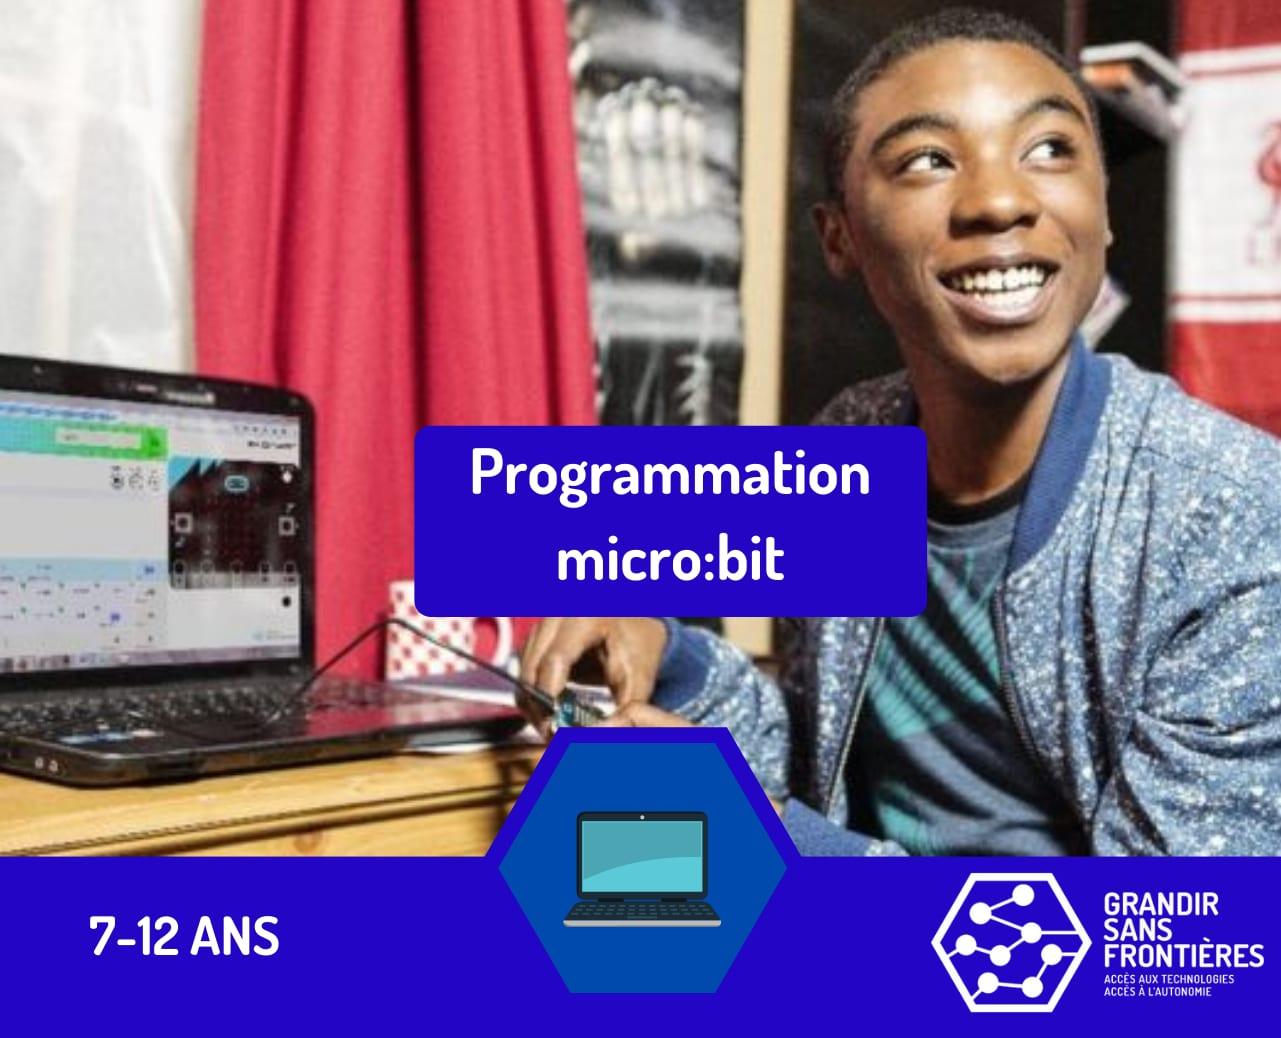 RDPPAT_programmation micro:bit